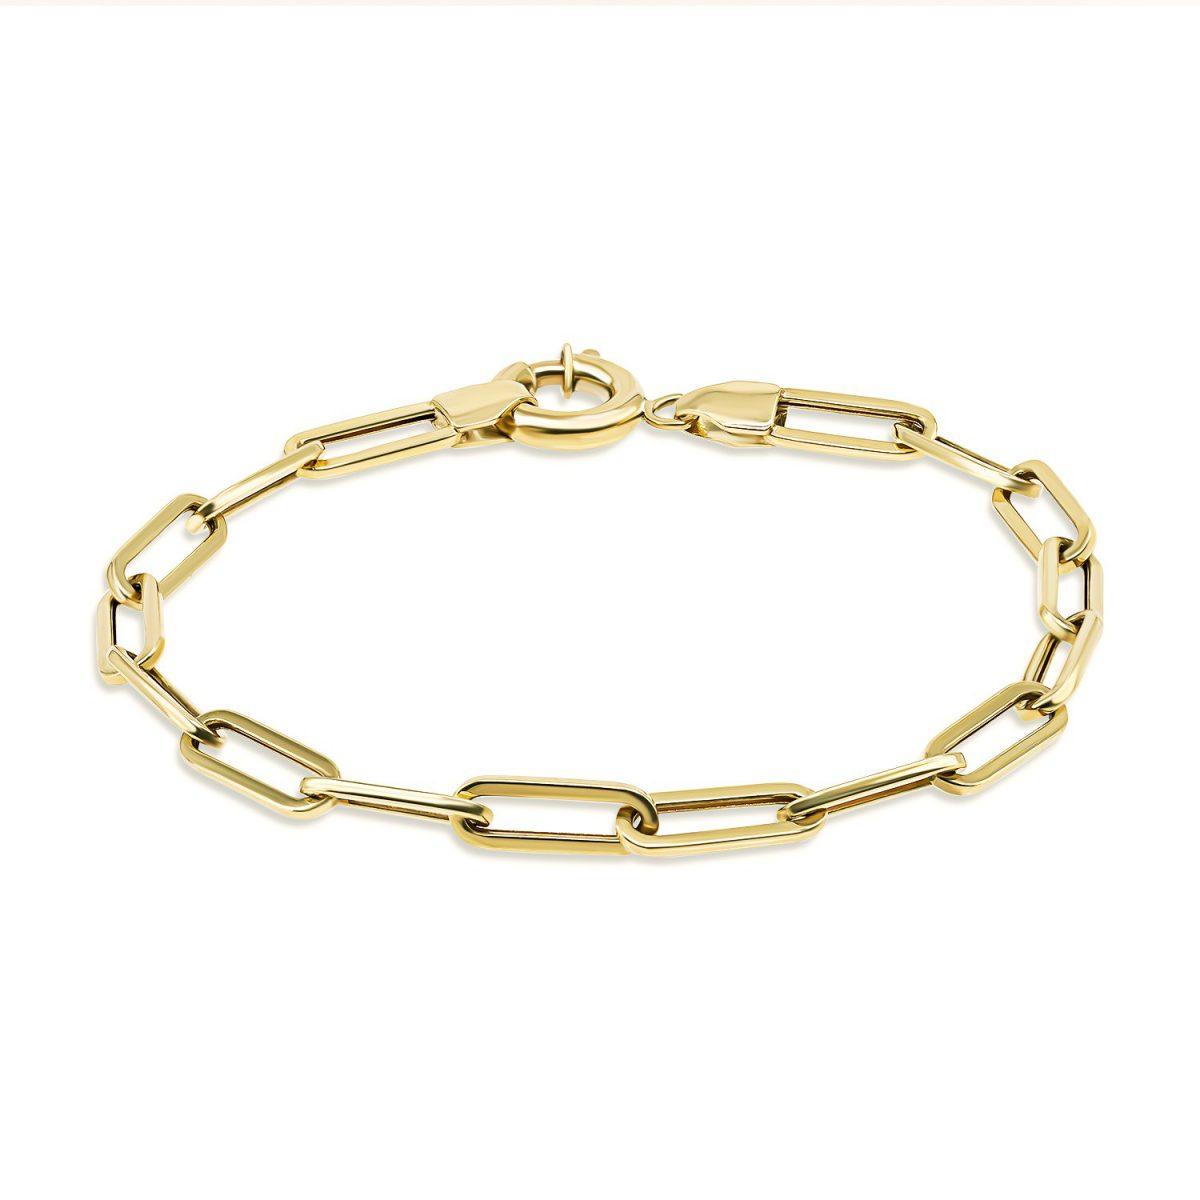 צמיד זהב - דריה - זהב צהוב